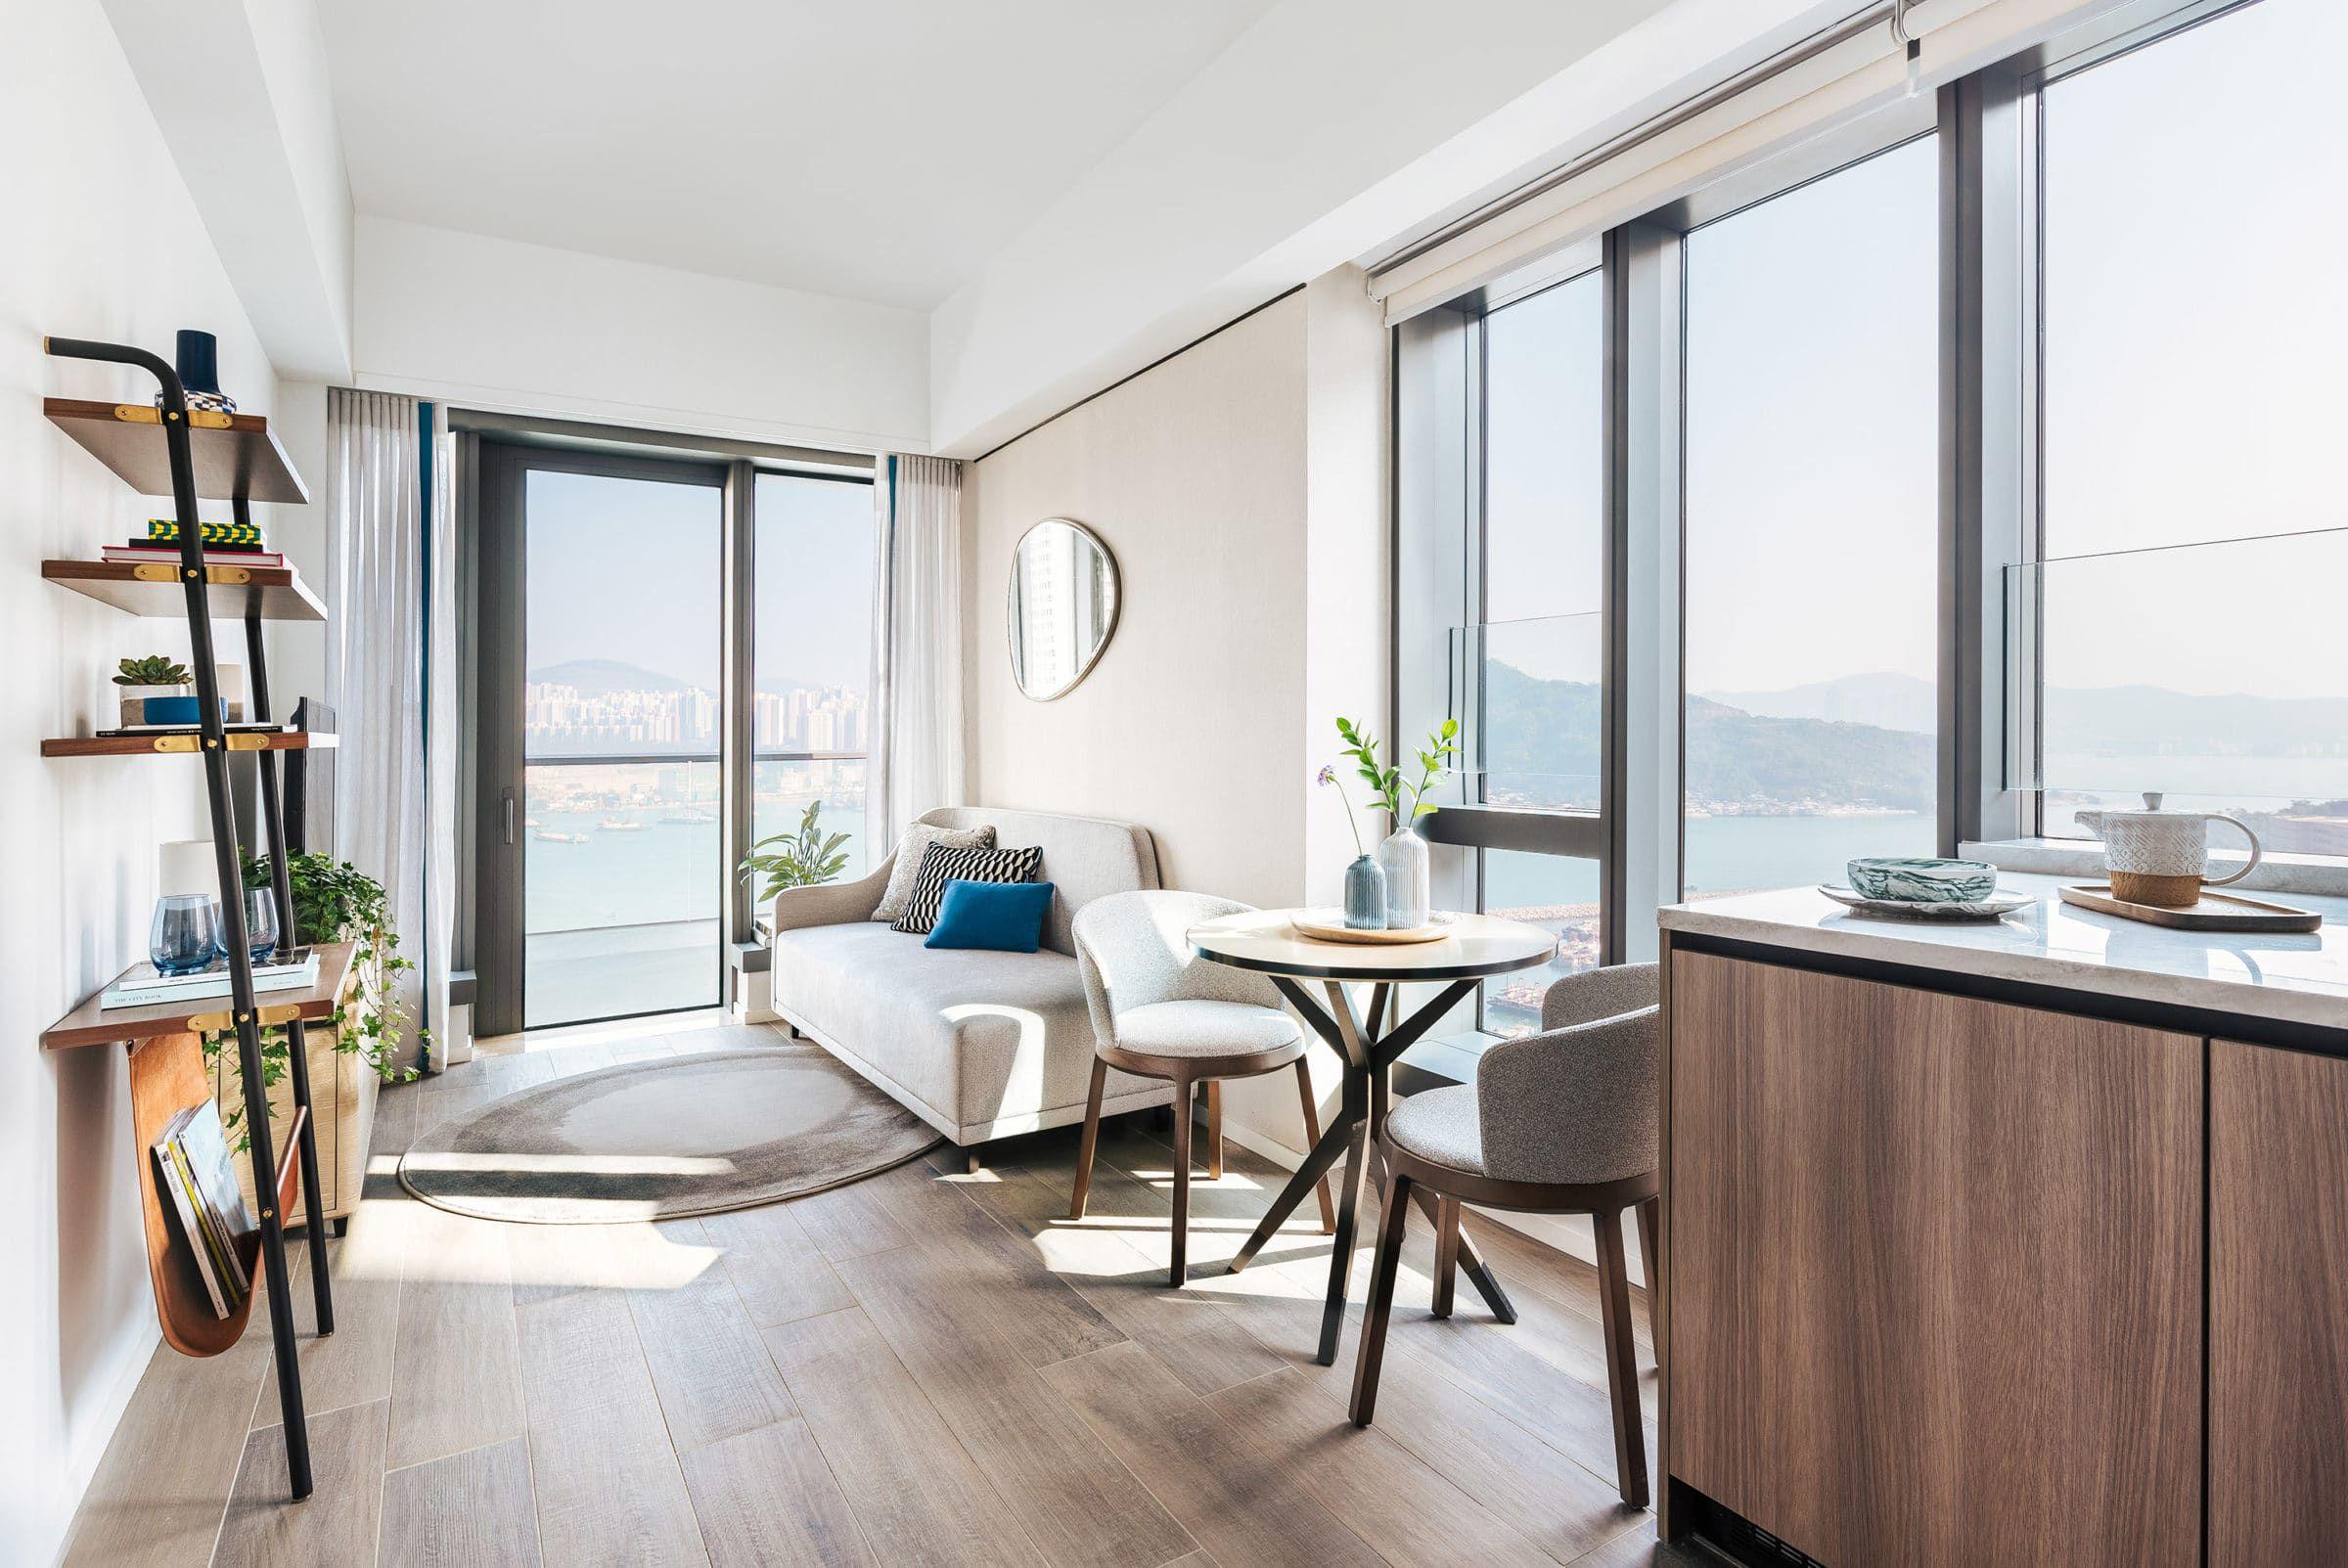 1-Bedroom Duplex